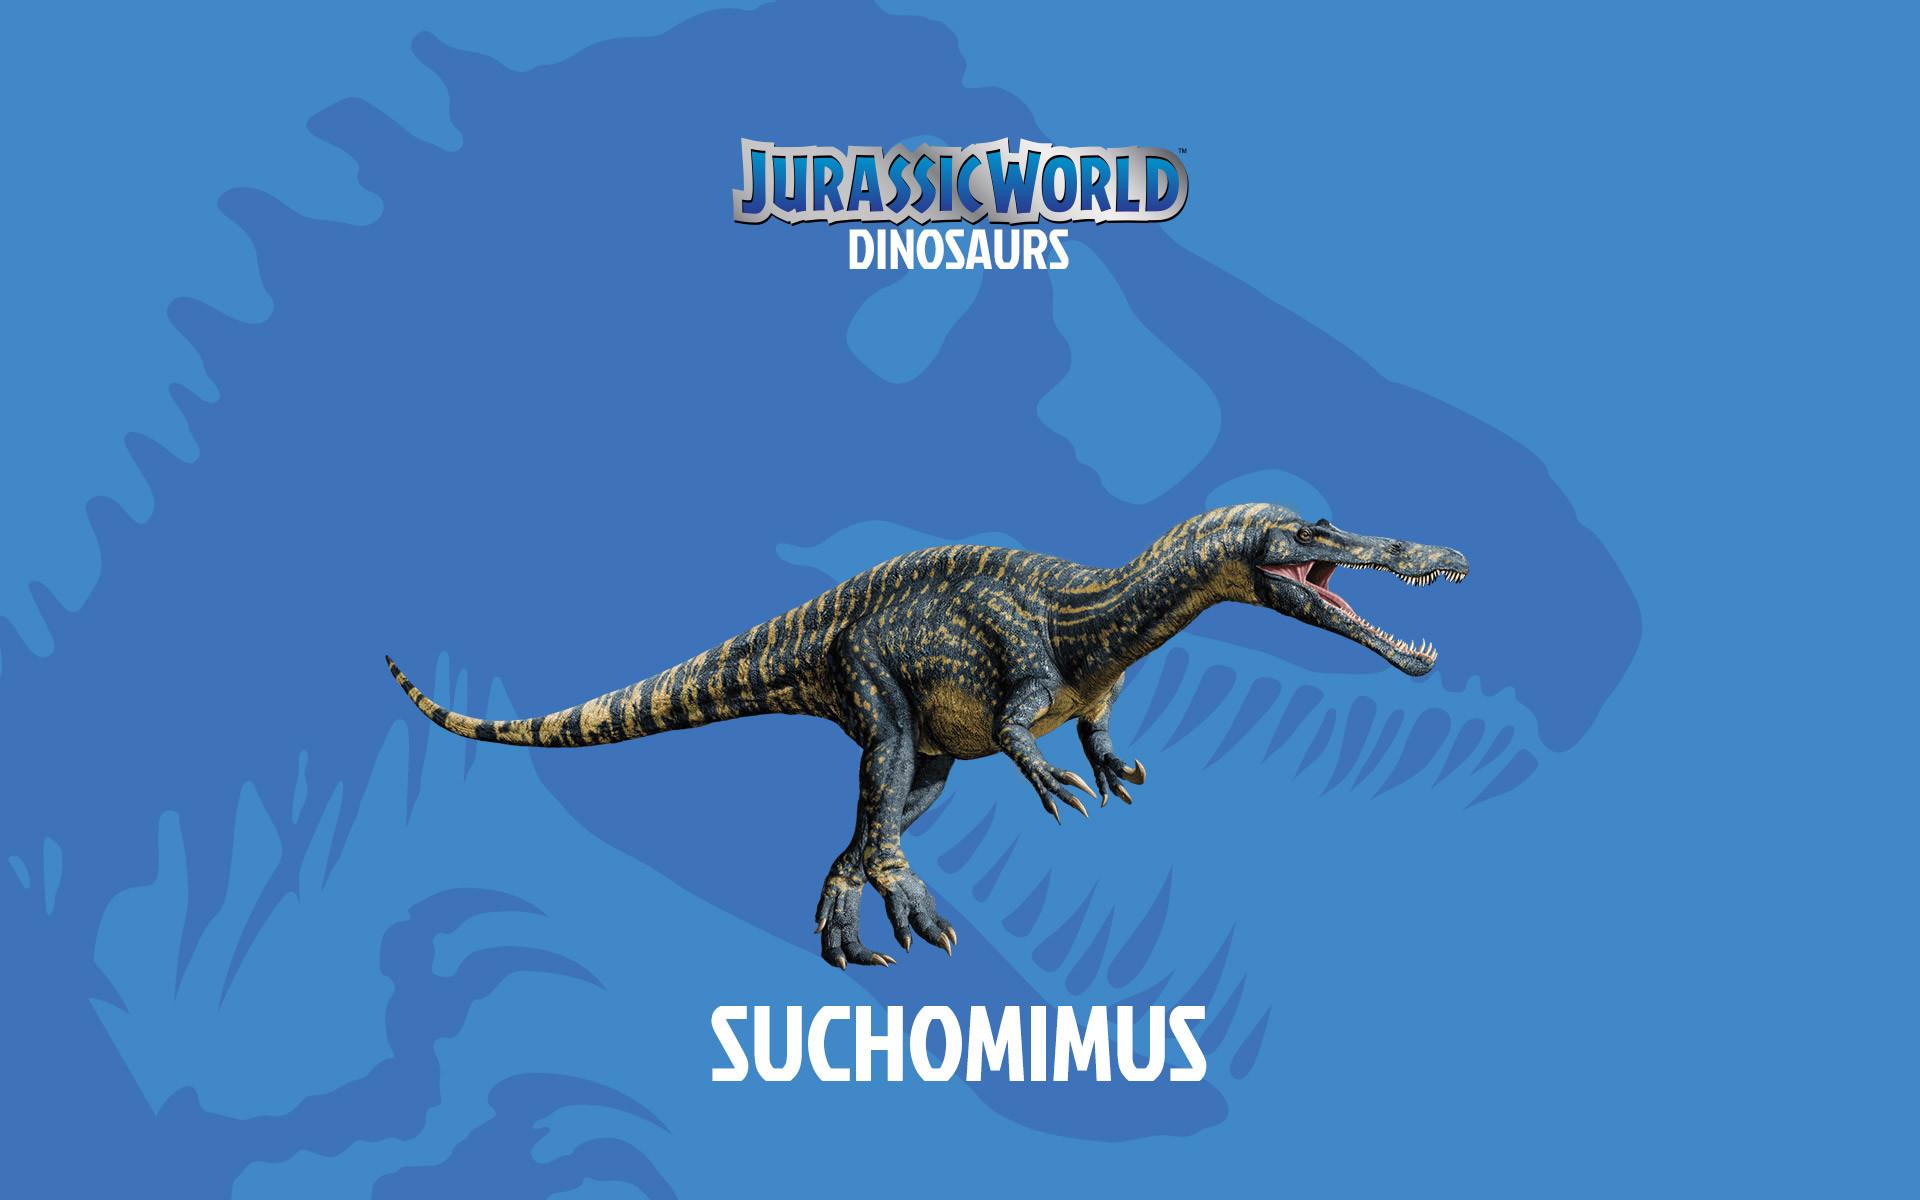 suchomimus-Dinosaur-Jurassic-World-Wallpaper-HD